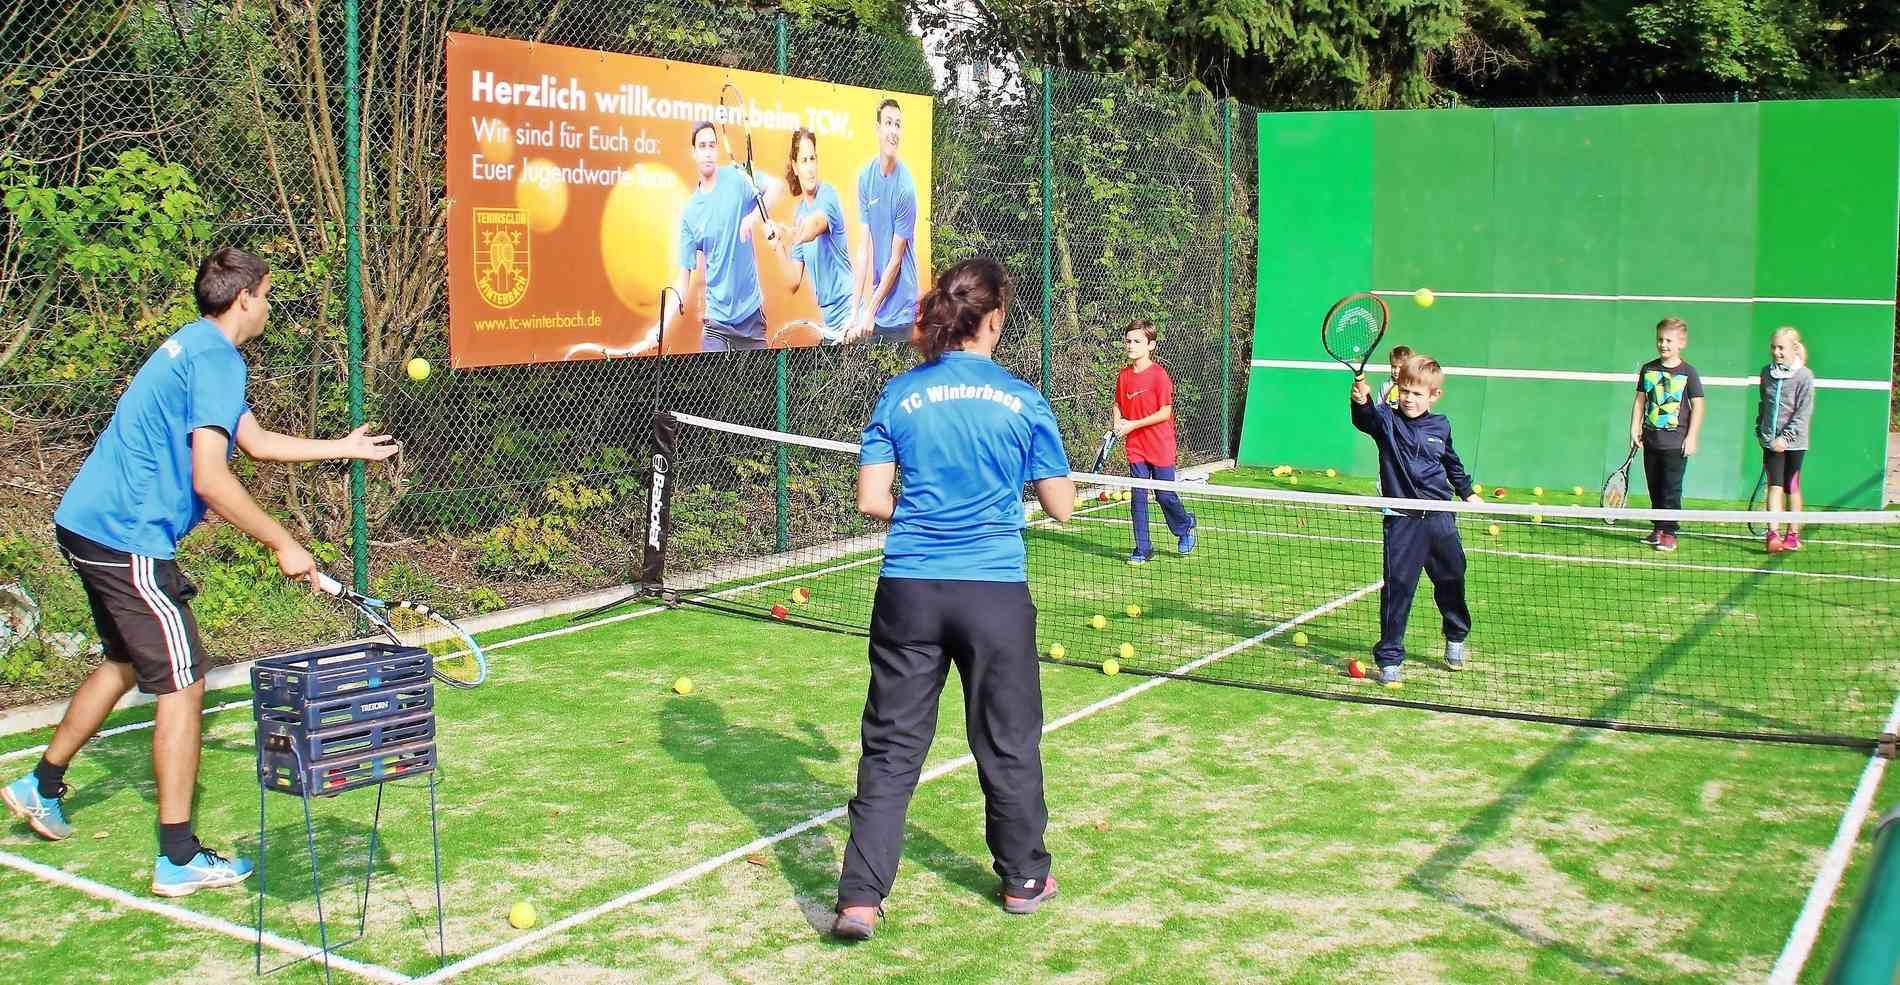 Neues Tennisminispielfeld in Winterbach